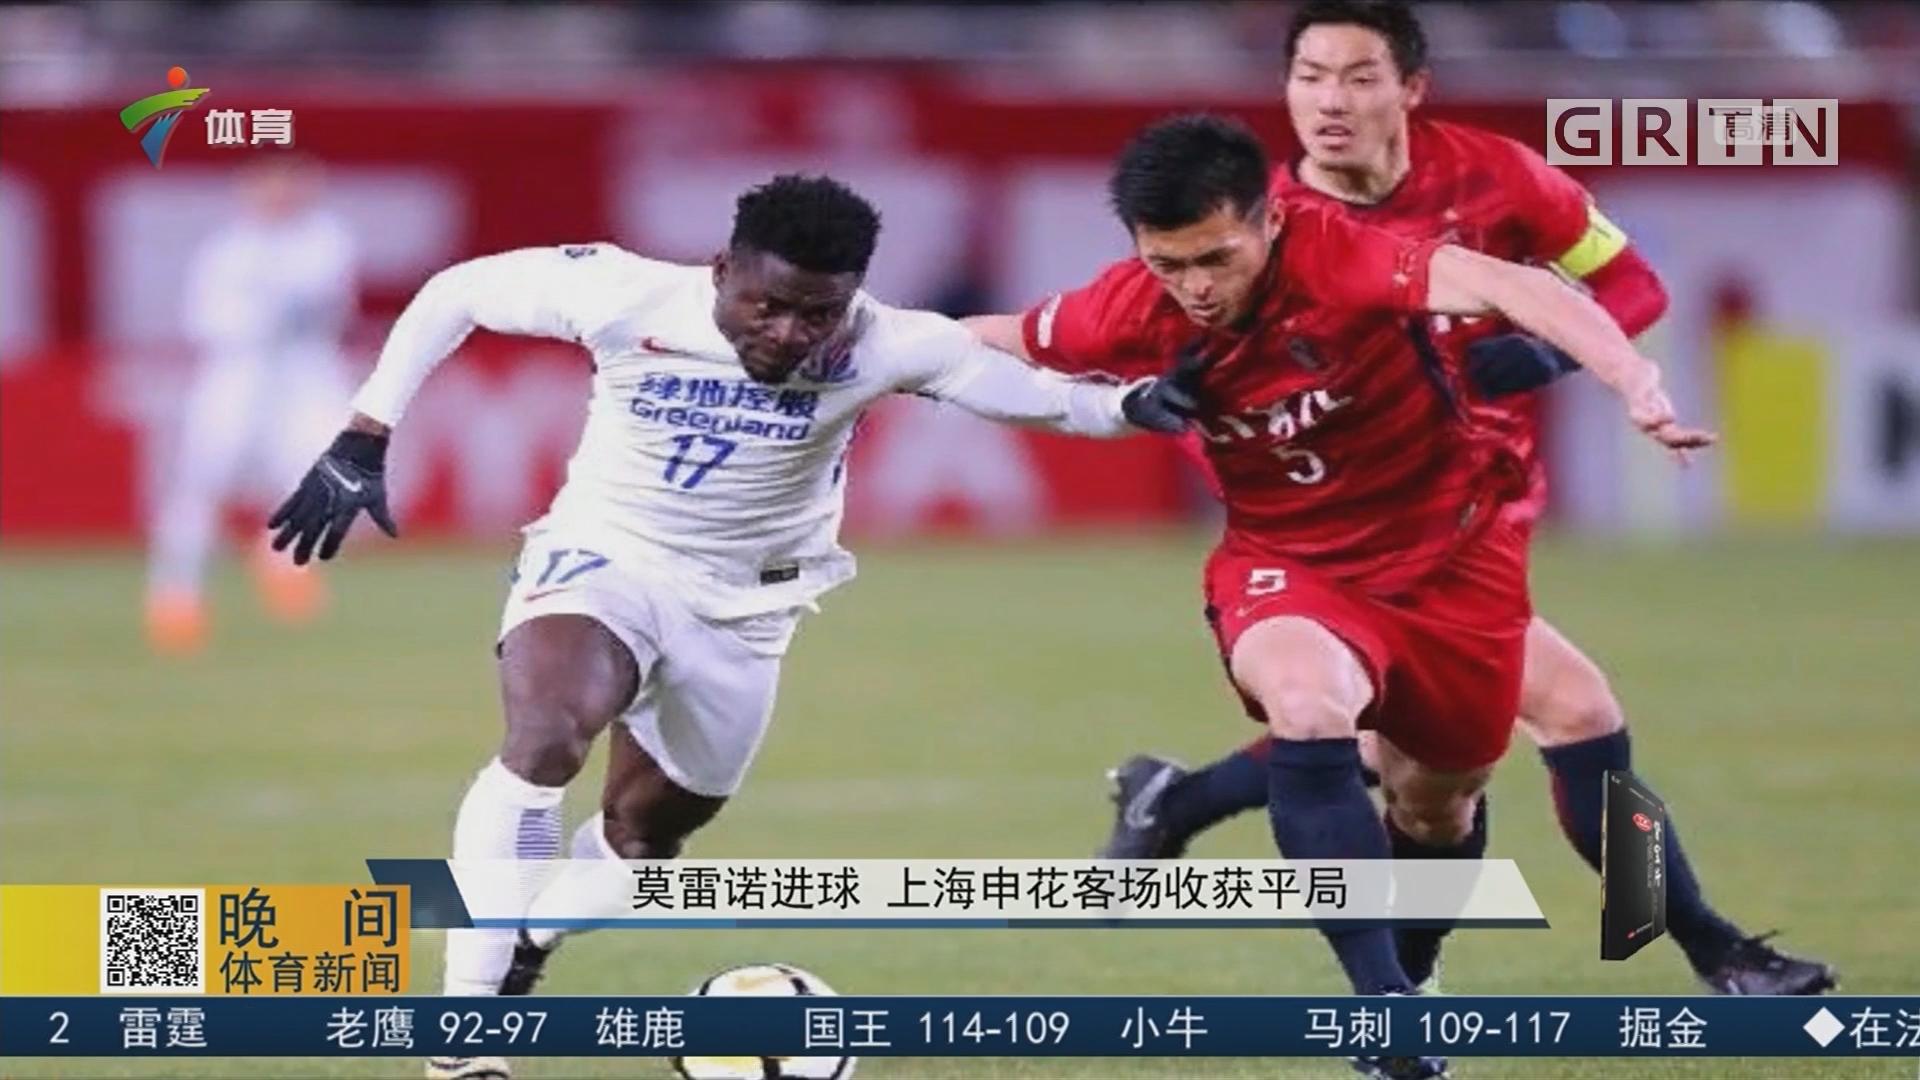 莫雷诺进球 上海申花客场收获平局